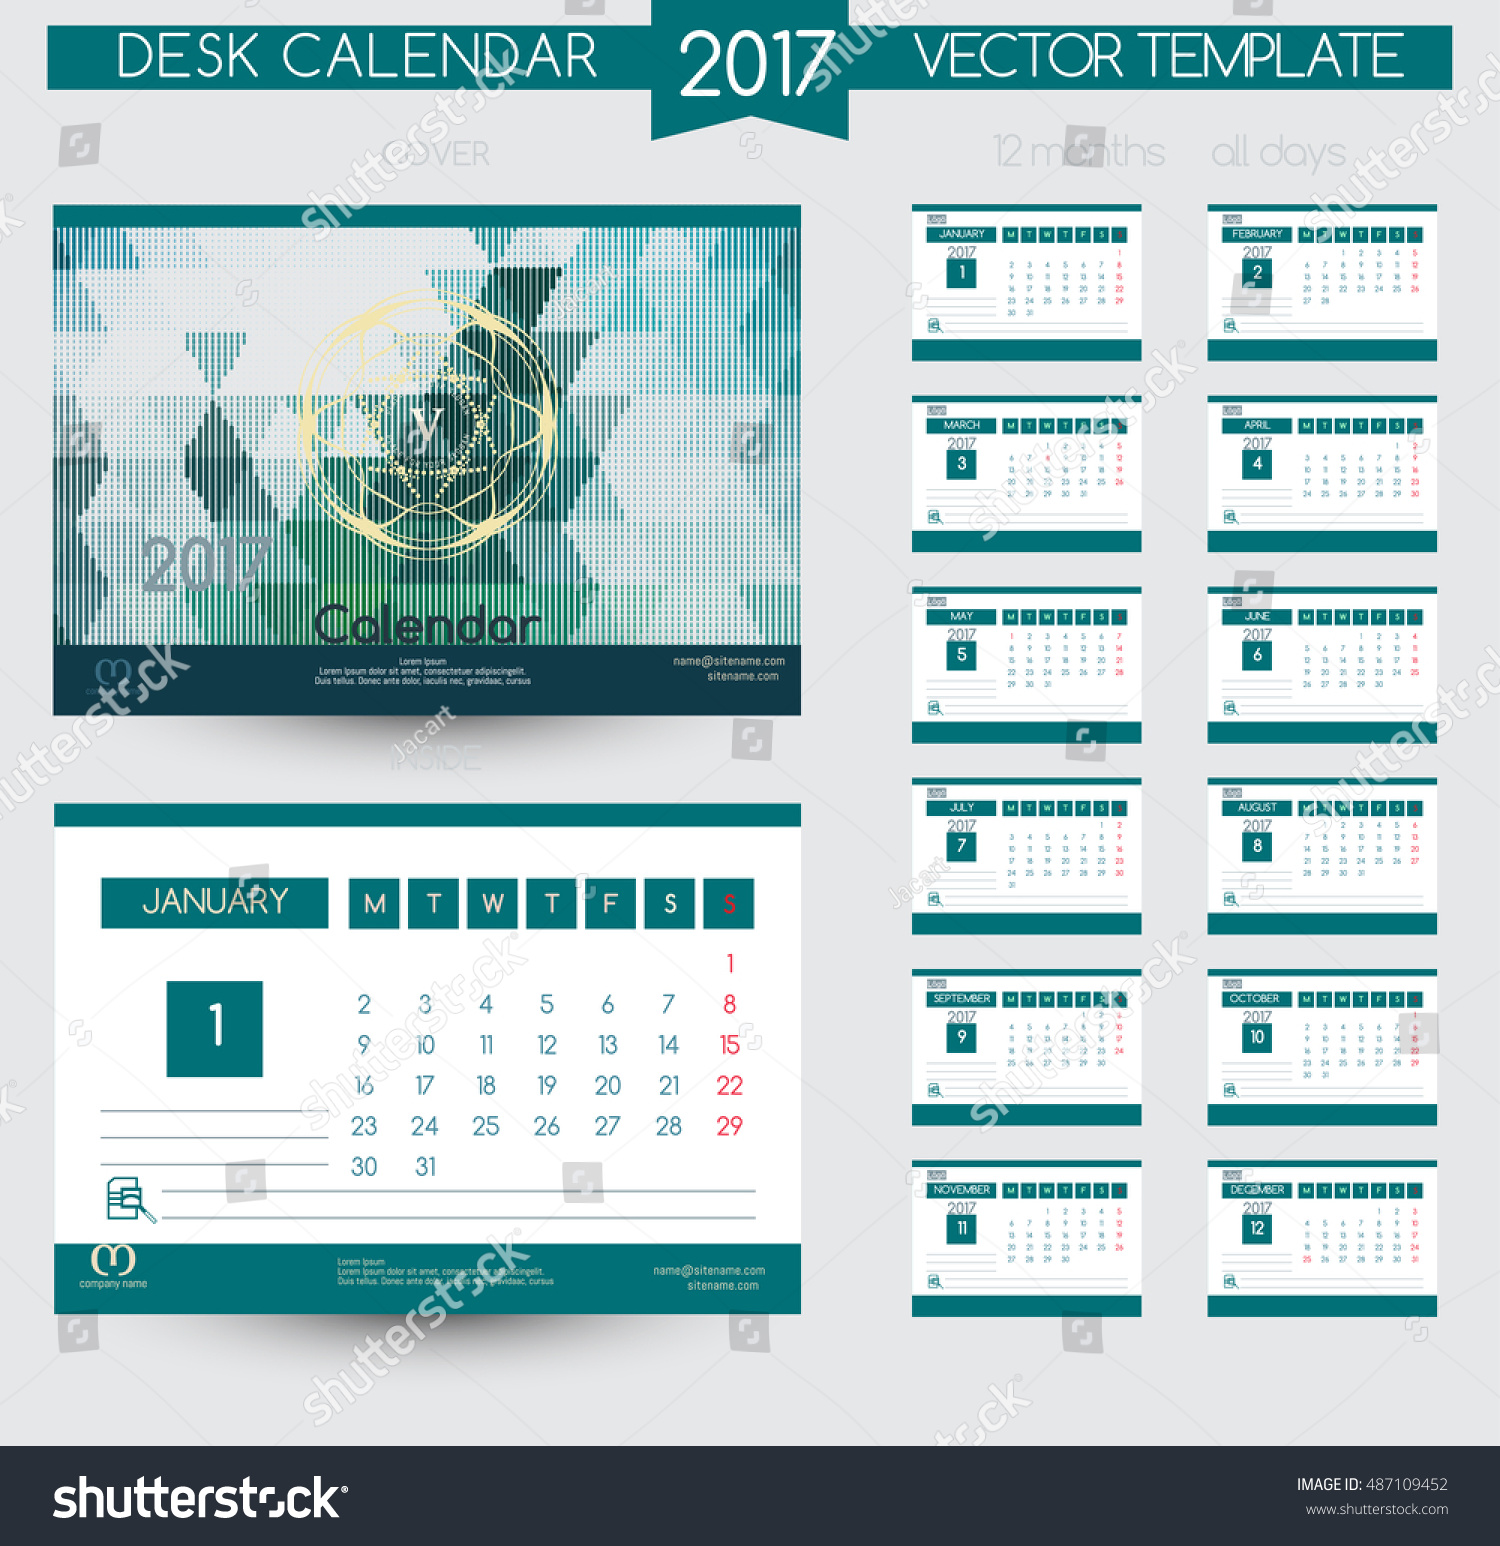 Calendar Templates Graphic Design : Design desk calendar vector templates stock